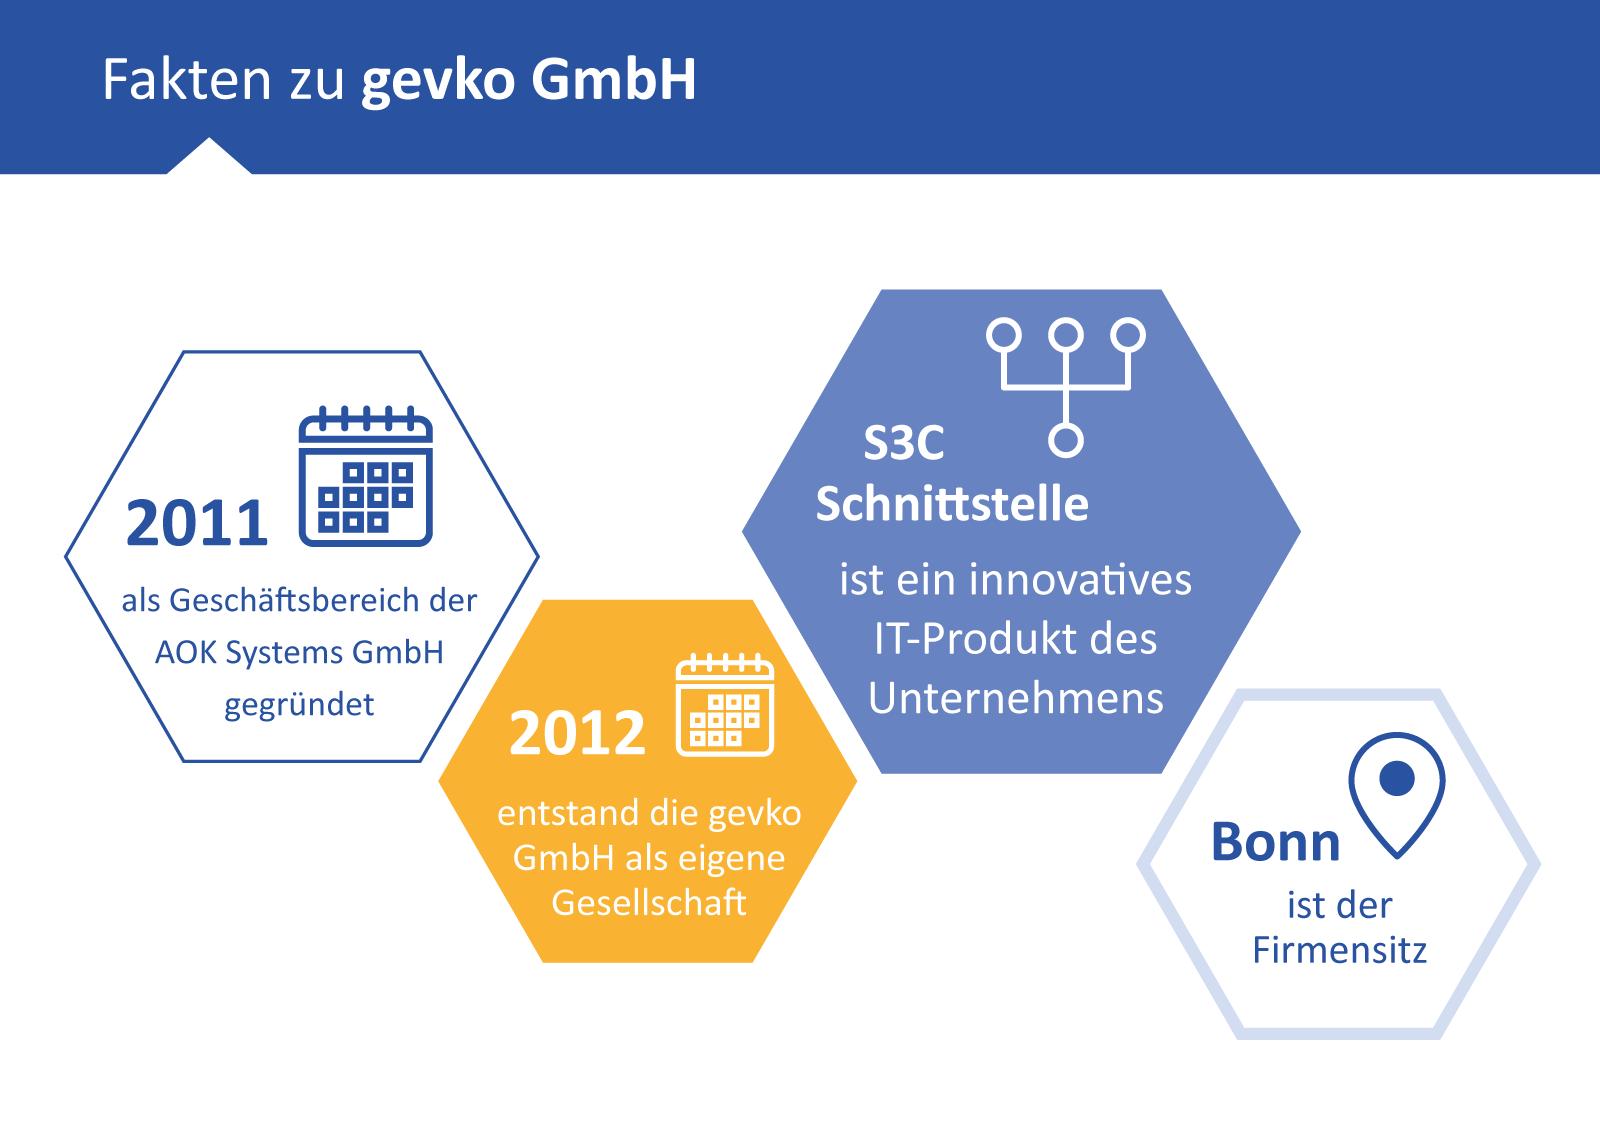 Fakten zur gevko GmbH, dem Spezialisten für S3C Schnittstellen